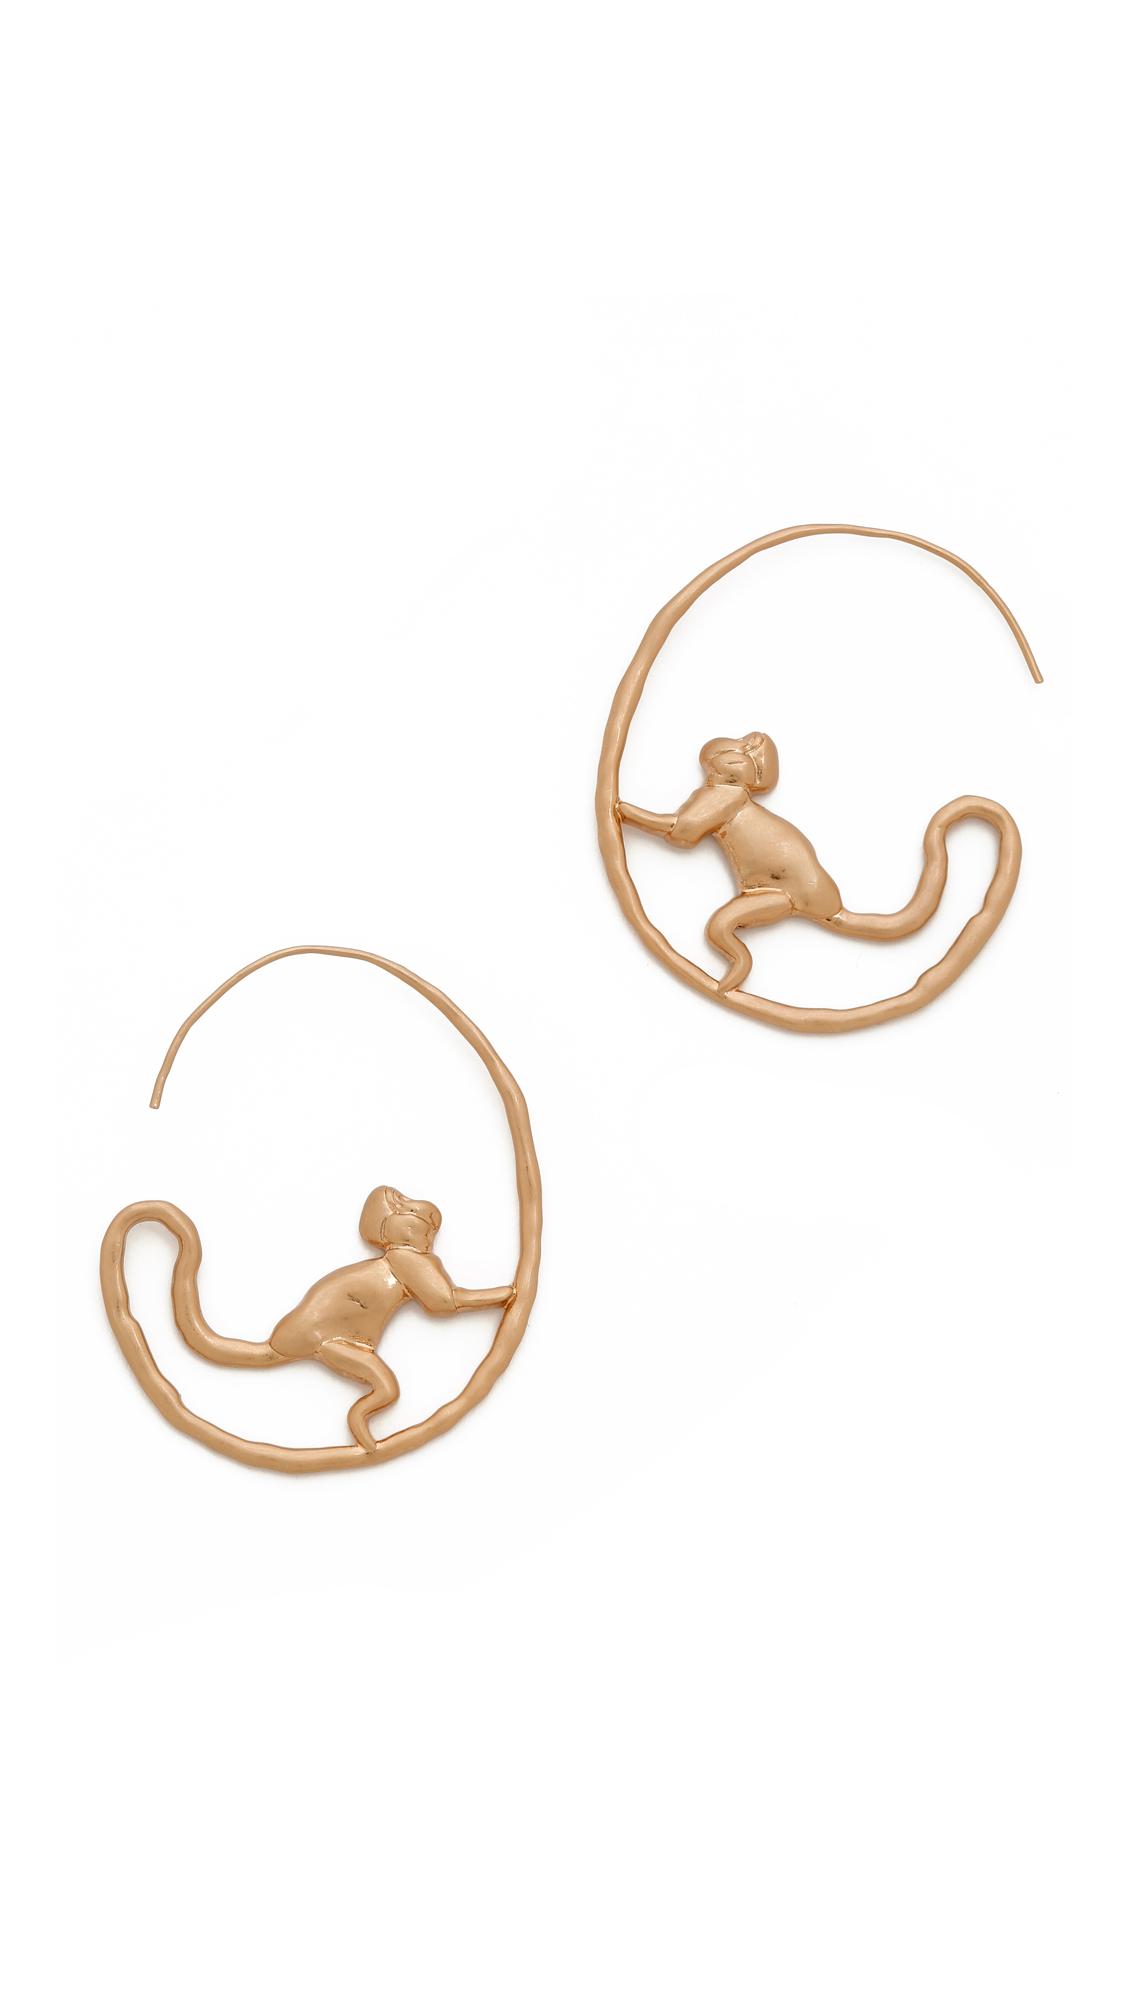 c334b99d9 Tory Burch Monkey Hoop Earrings on PopScreen